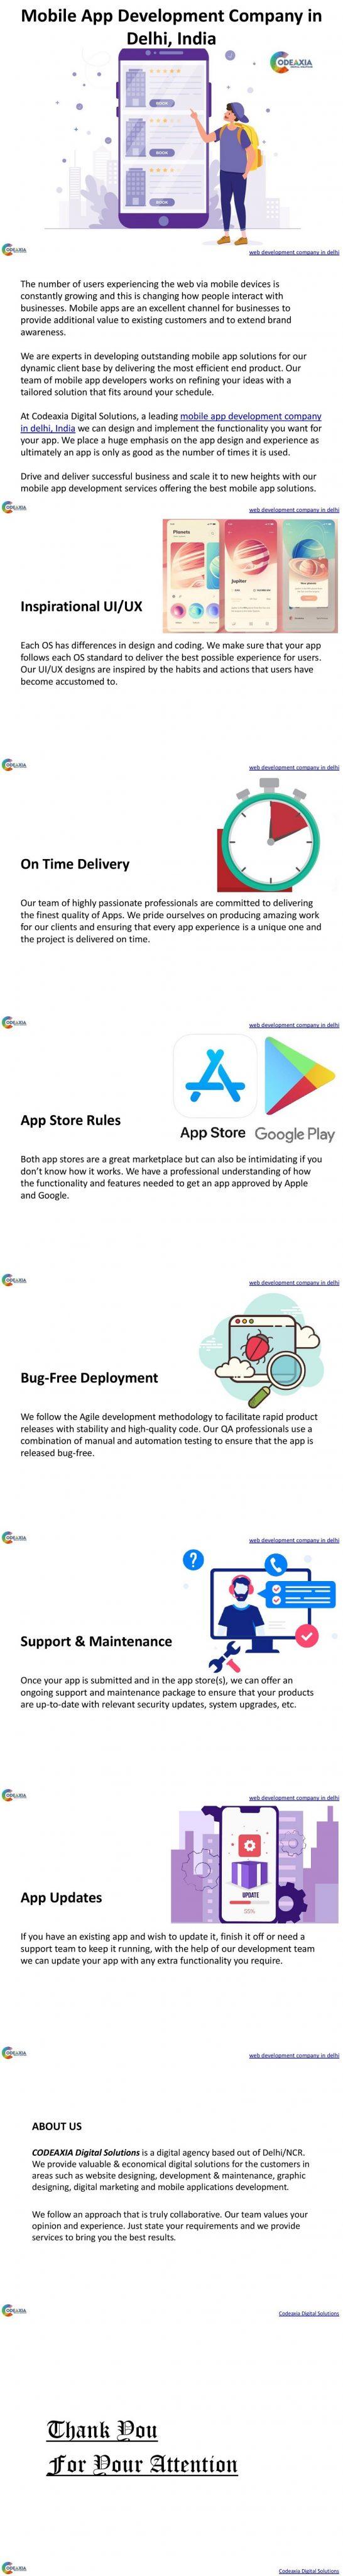 Mobile App Development Company in Delhi, India